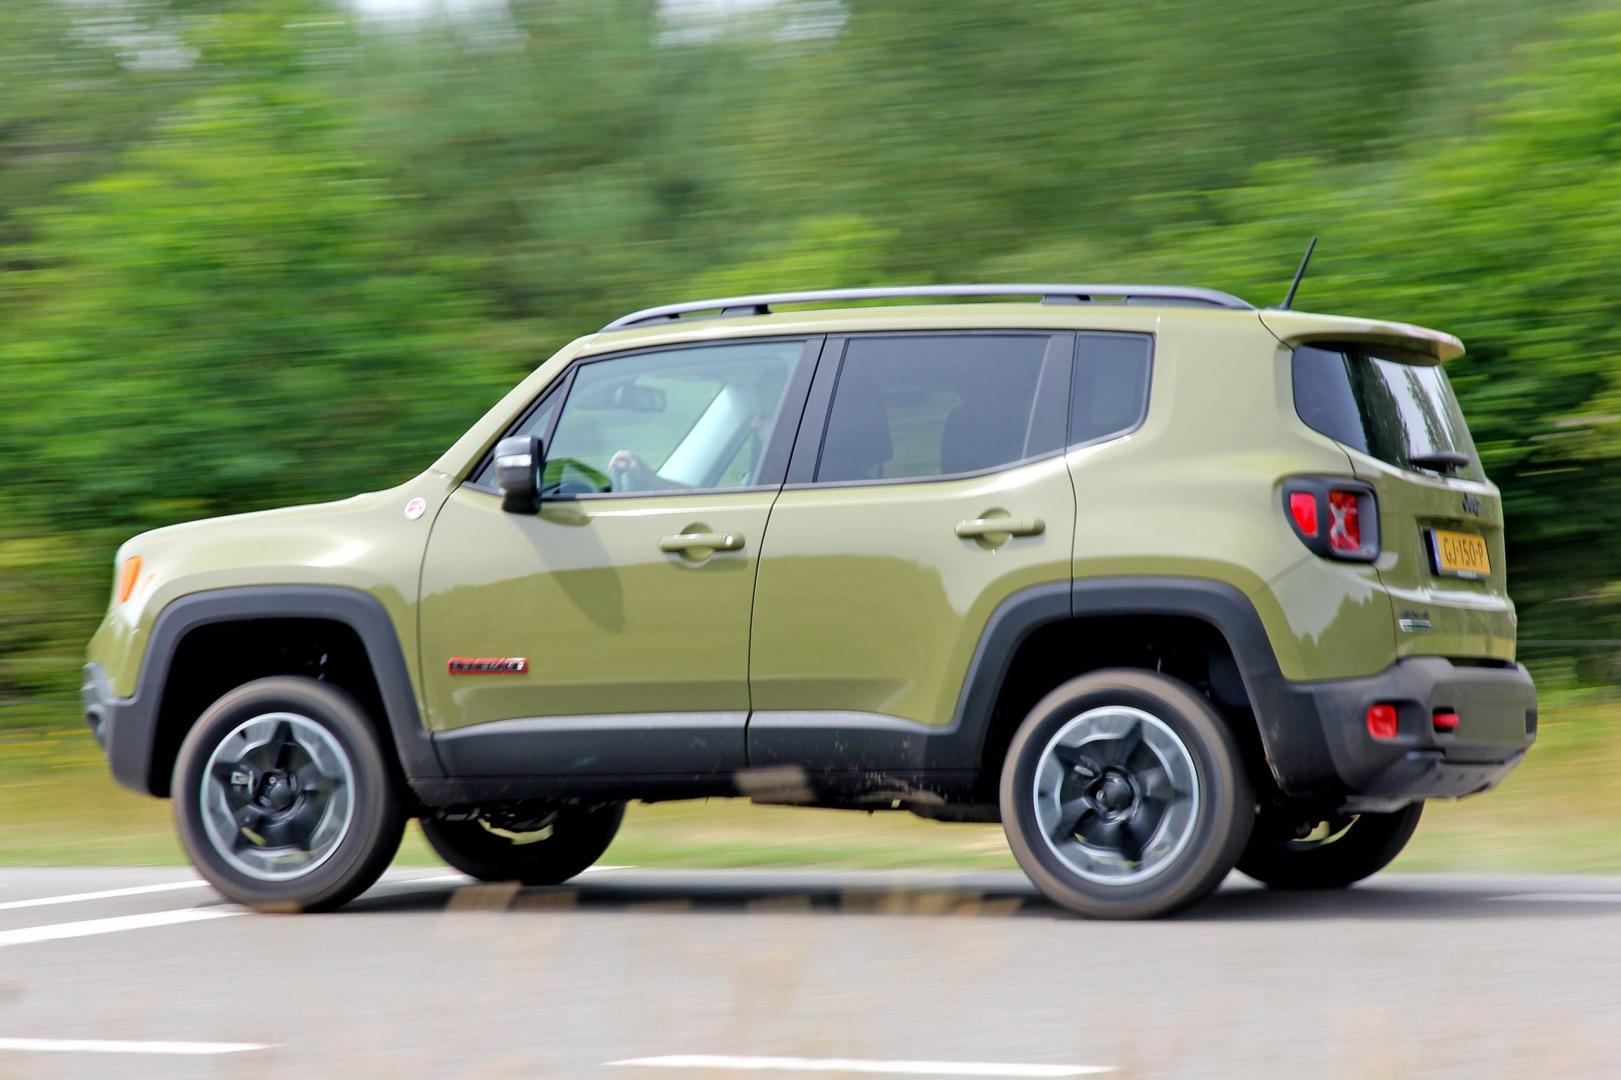 Jeep Renegade 2.0 4WD Trailhawk (2015)